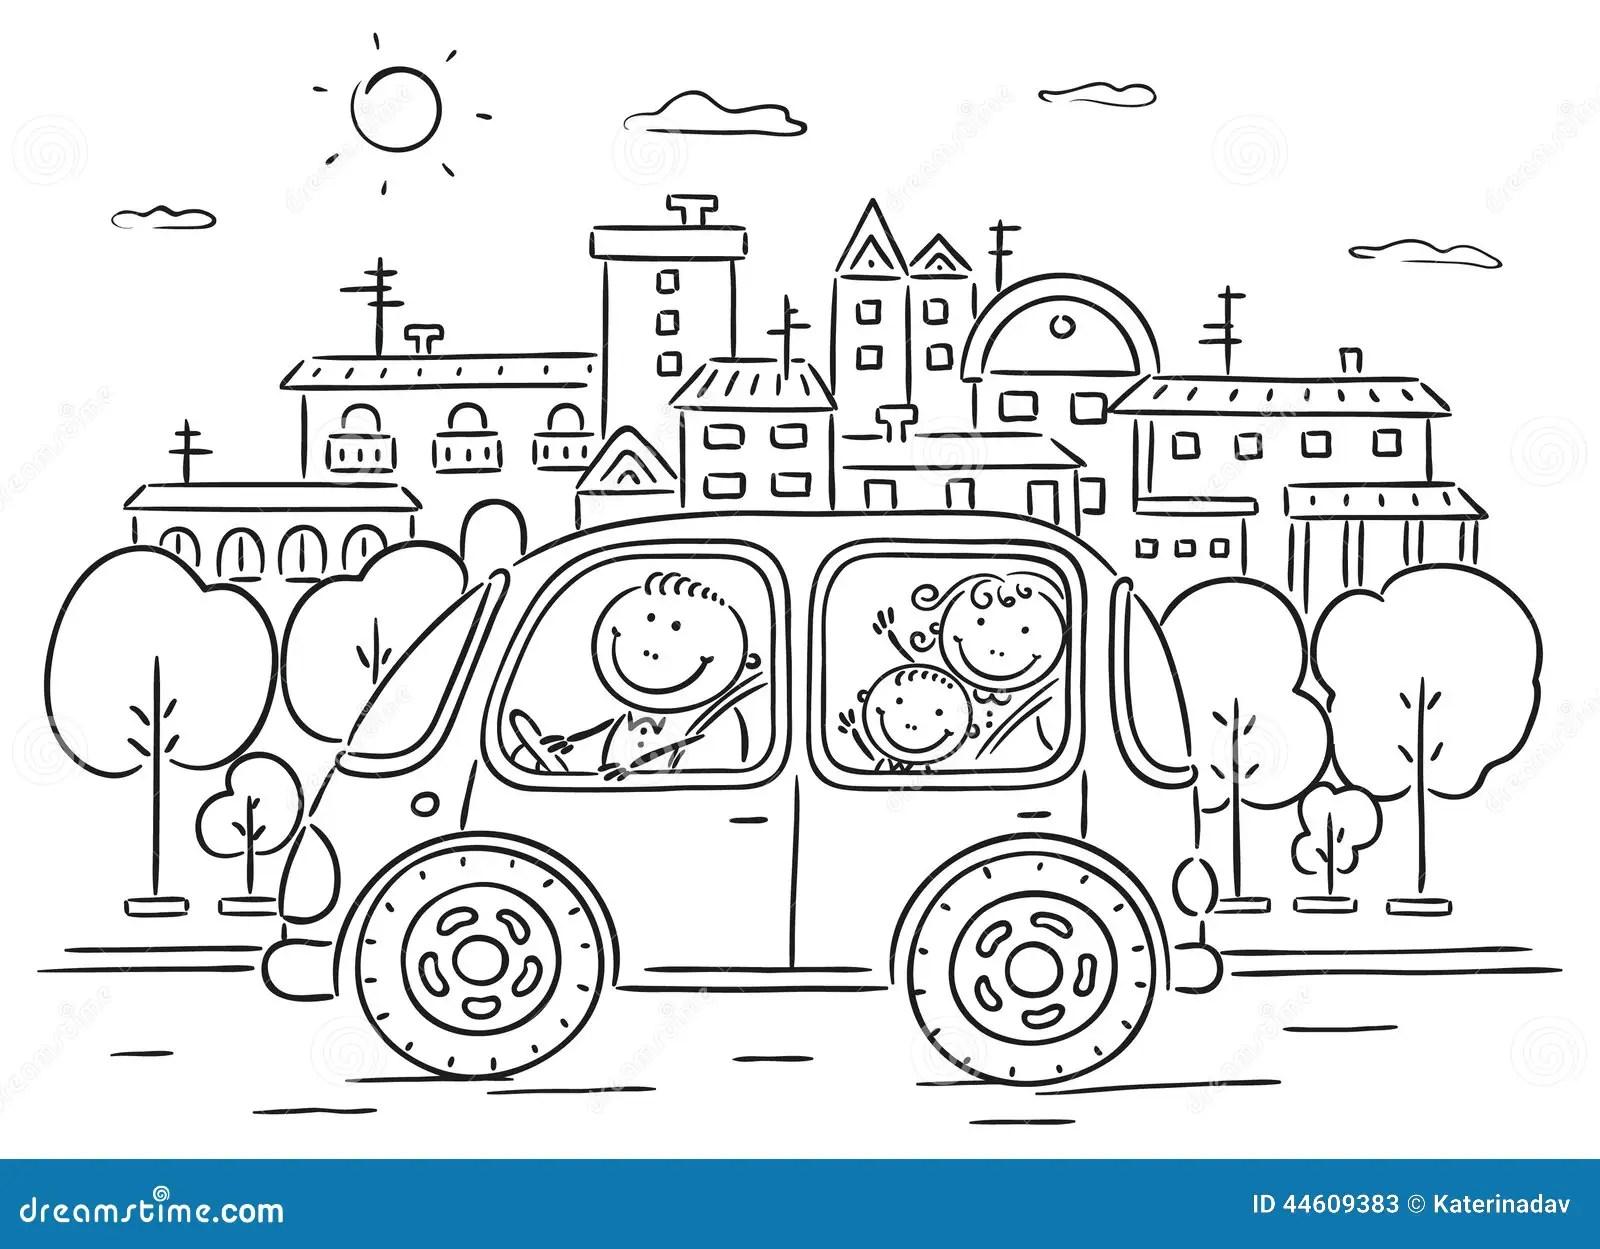 Familia Feliz Que Viaja Por Blanco Y Negro Automotriz